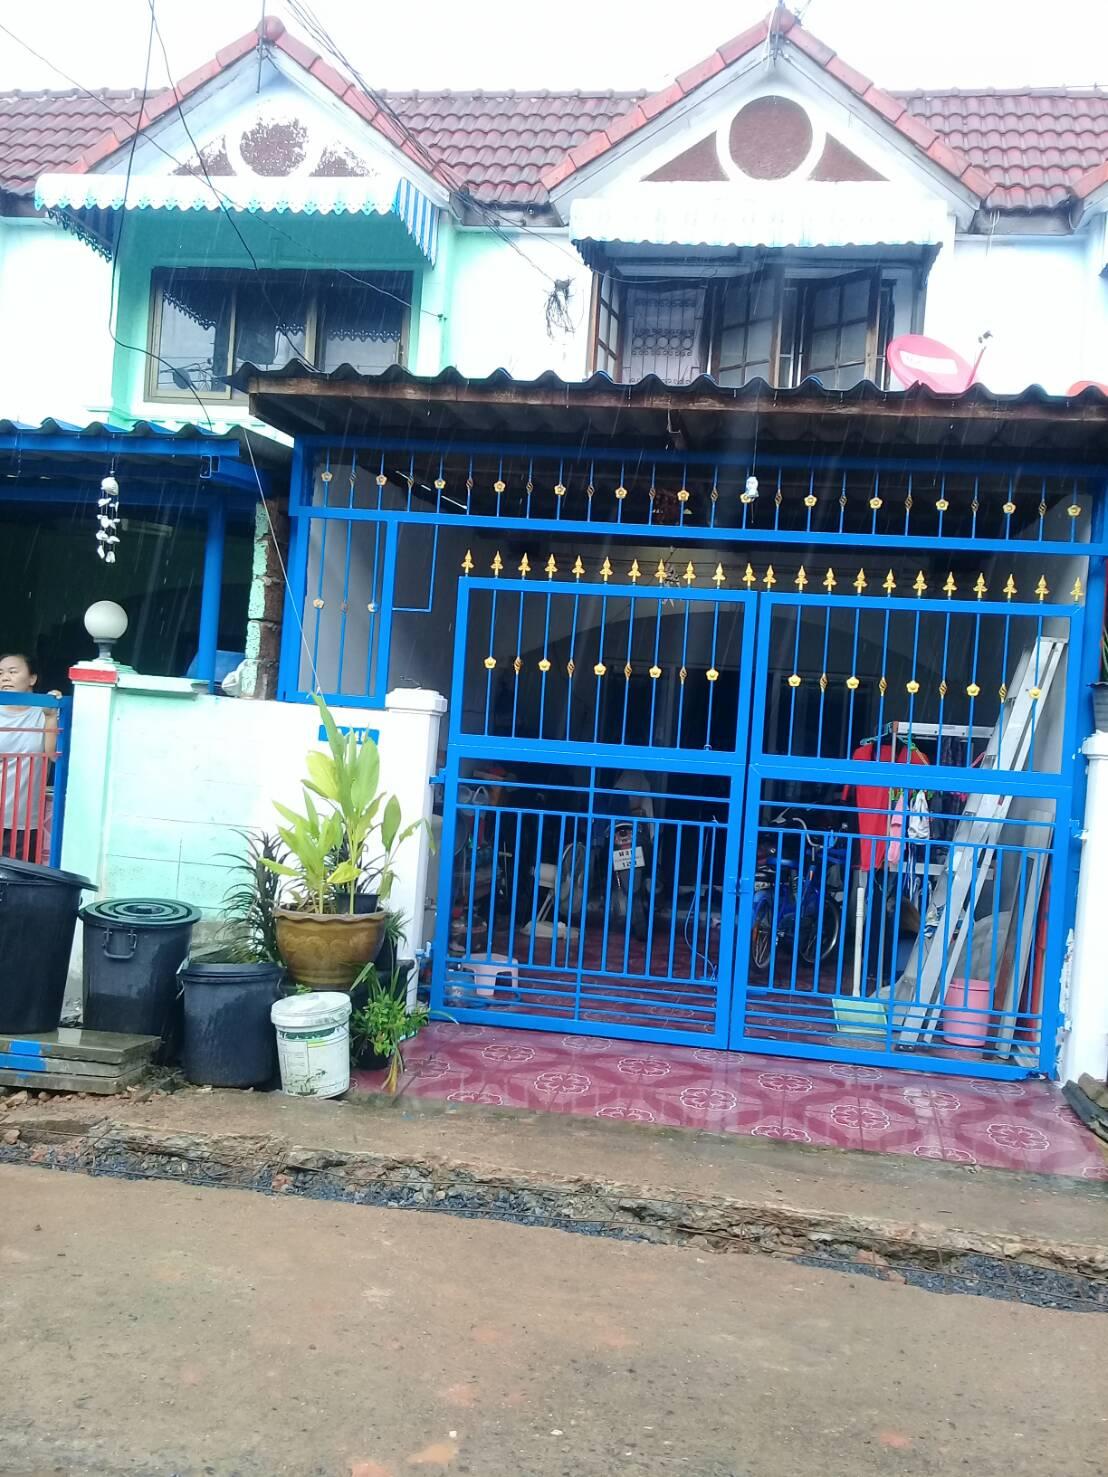 ทาวน์เฮ้าส์หทัยราษฏร์ มีนบุรี หมู่บ้านร่มทิพย์วิลเลจ ติดถนนใหญ่หทัยราษฏร์ มีนบุรี คลองสามวา ใกล้ตลาดมีนบุรี ถนนสุวินทวงศ์